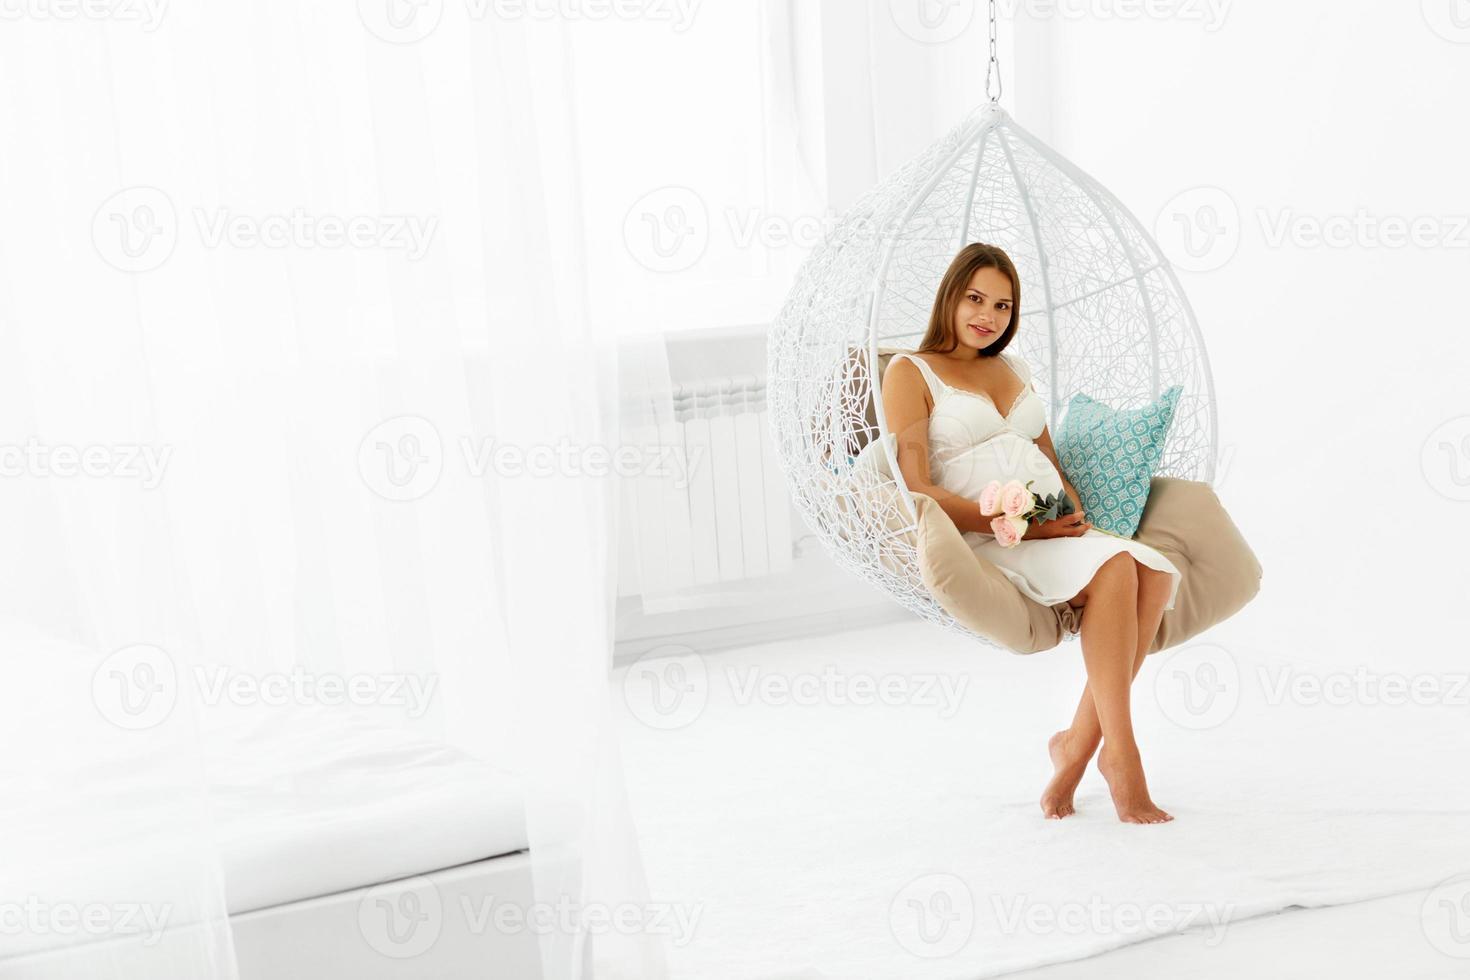 retrato da mulher grávida feliz. foto